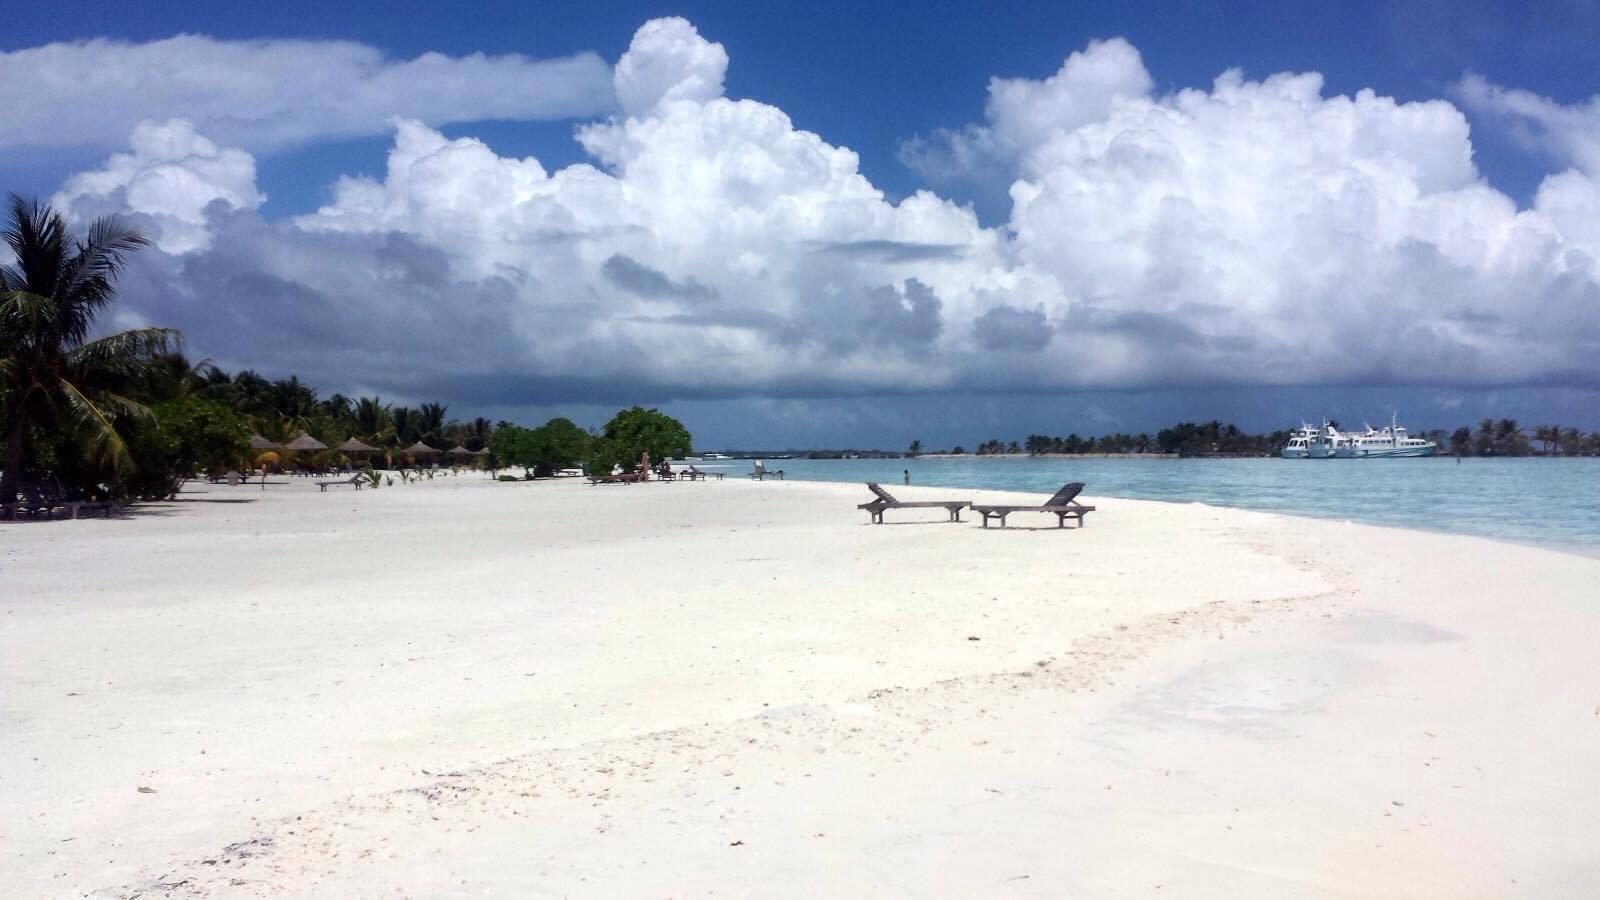 Maldive: non è difficile rilassarsi da queste parti